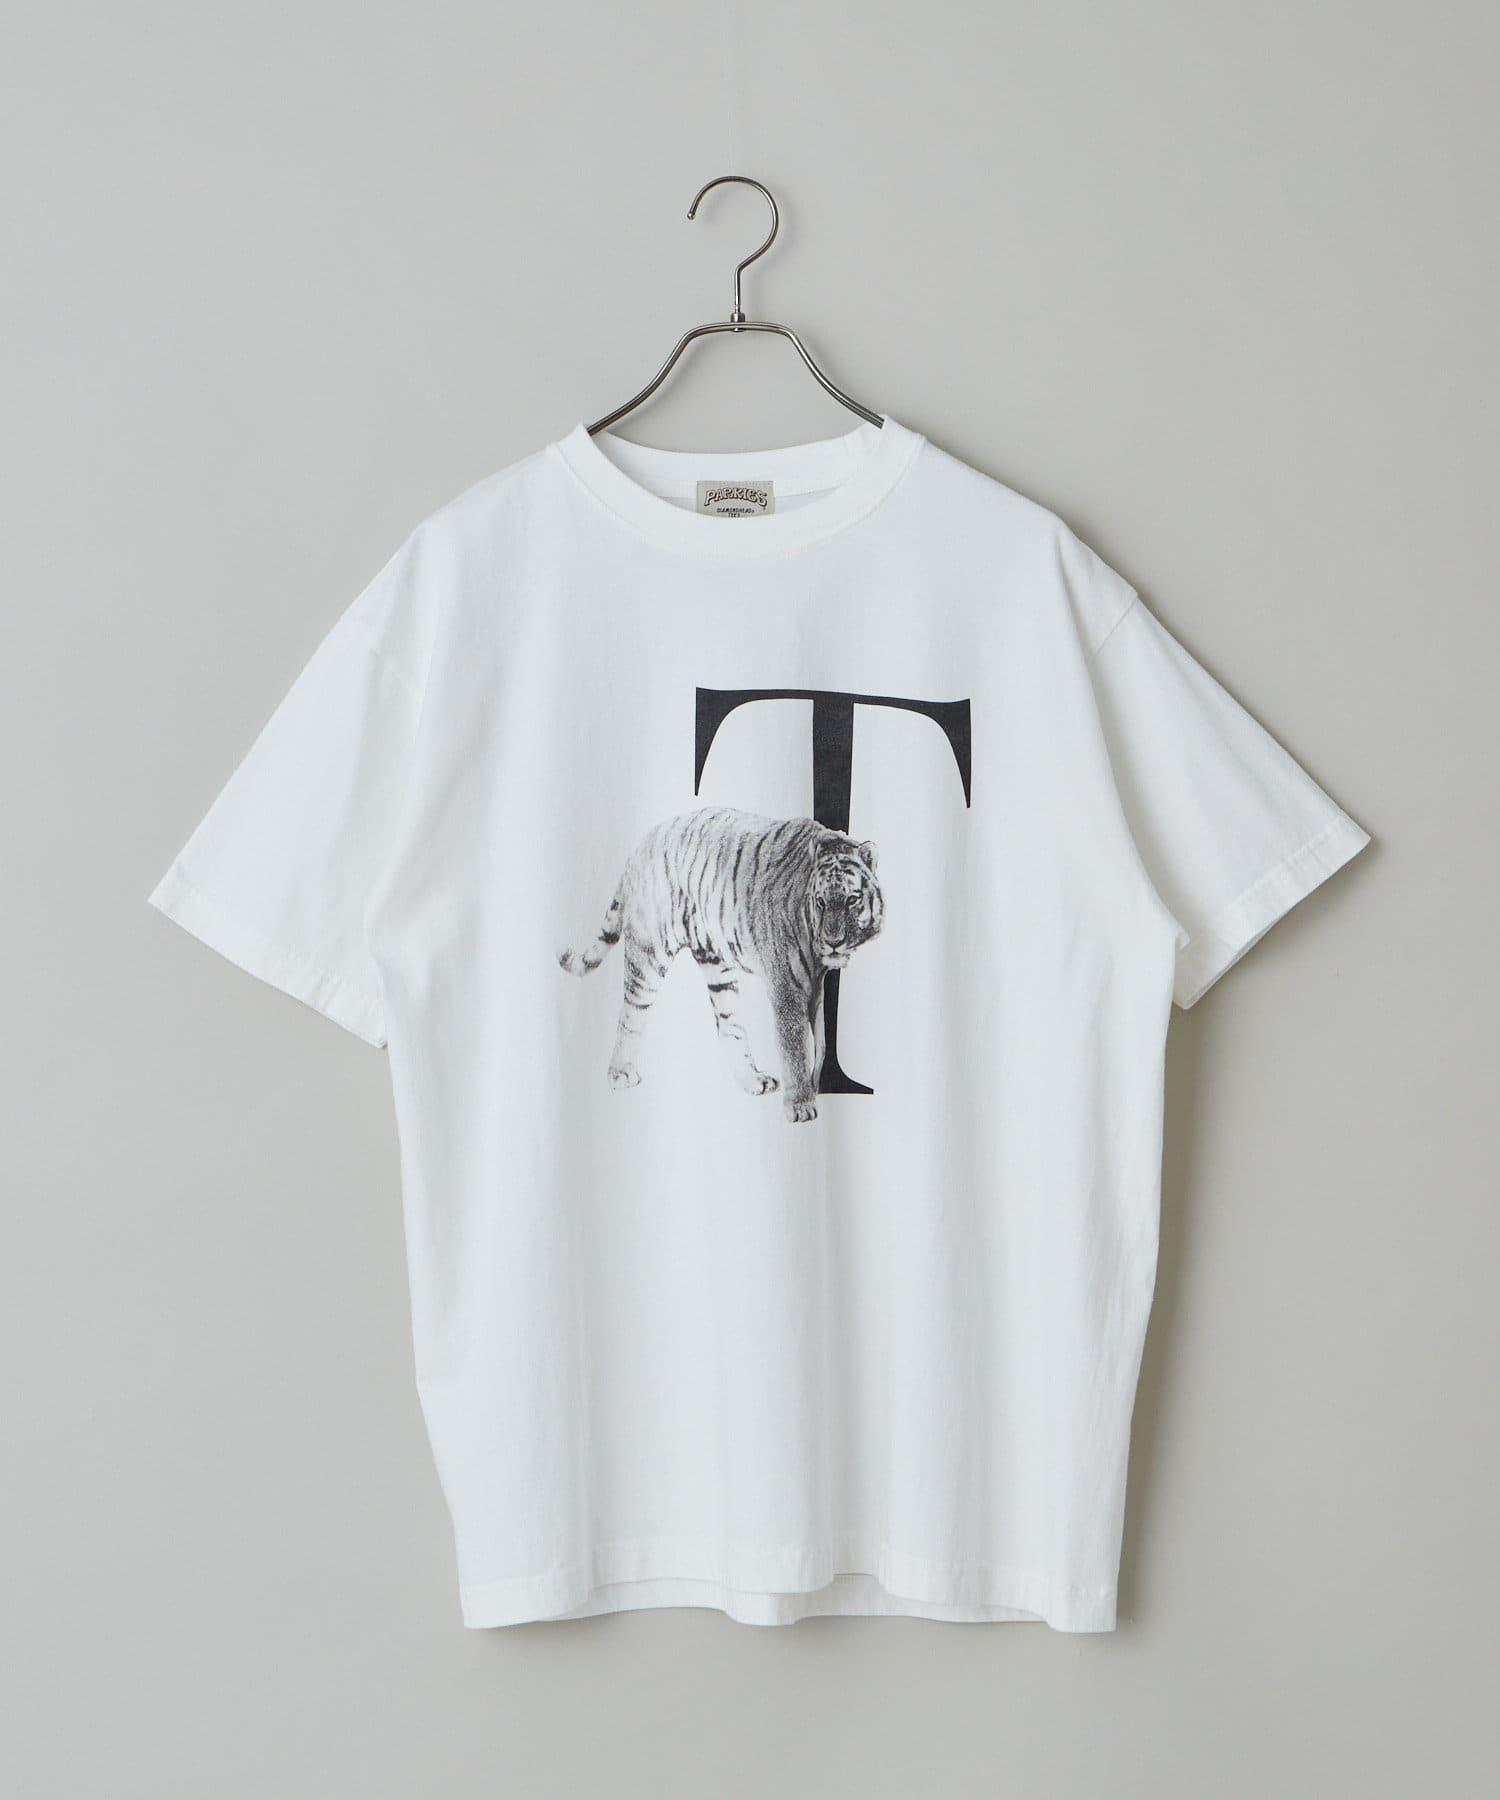 CIAOPANIC(チャオパニック) CIAOPANIC(チャオパニック) 【PARKIES/パーキーズ】オーガニックコットンアニマルプリントTシャツ オフホワイト